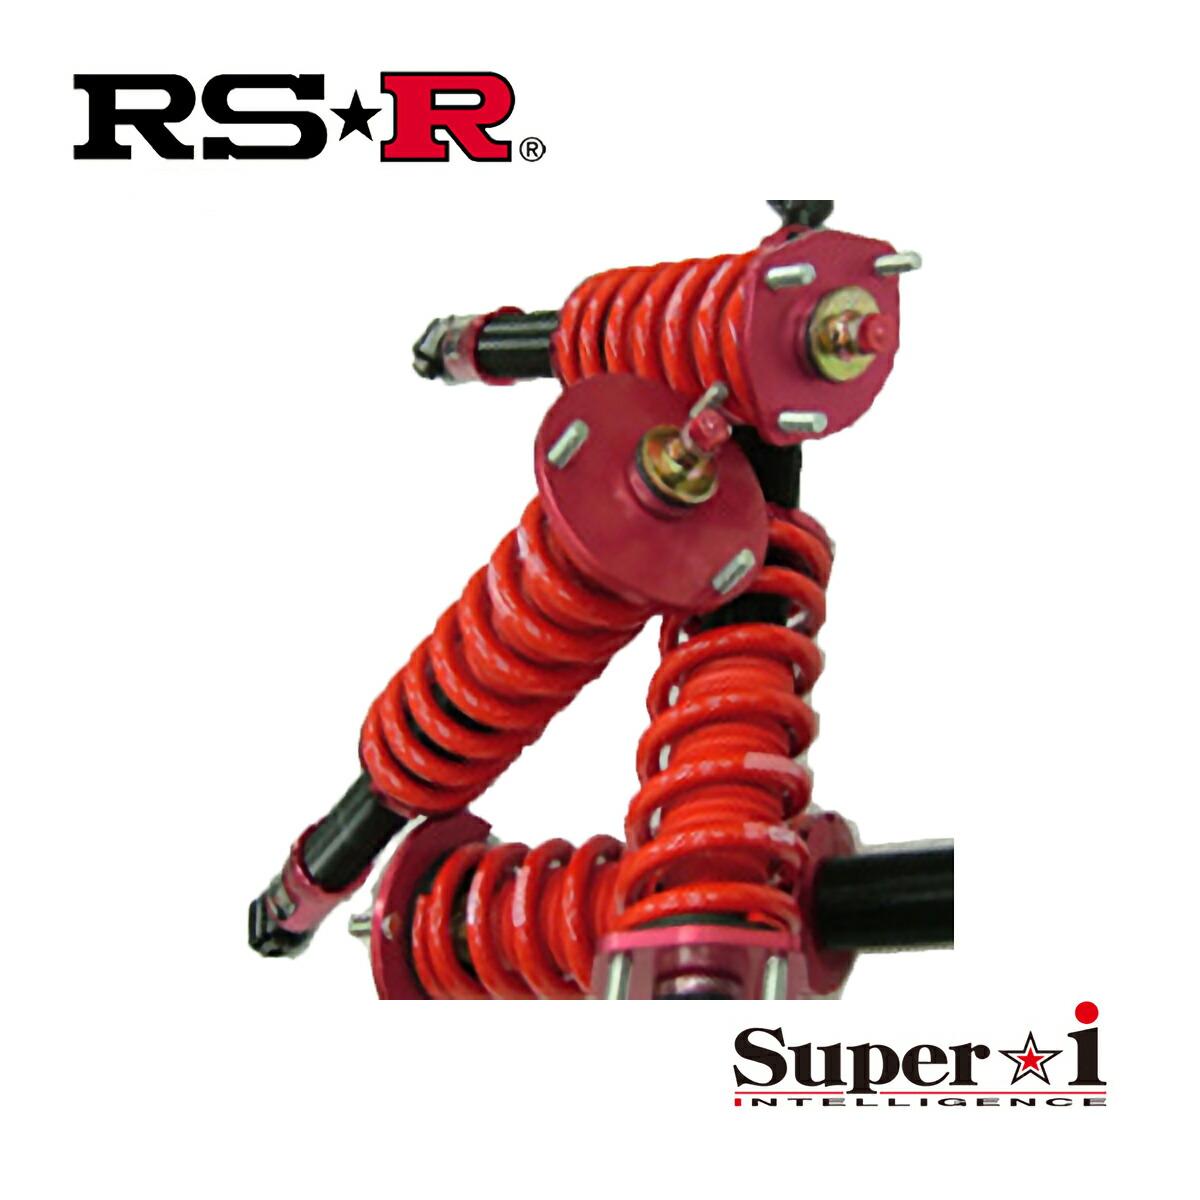 RS-R アルファード 3.5エグゼクティブラウンジS GGH35W 車高調 リア車高調整:ネジ式 SIT945M RSR スーパーi RSR 条件付き送料無料